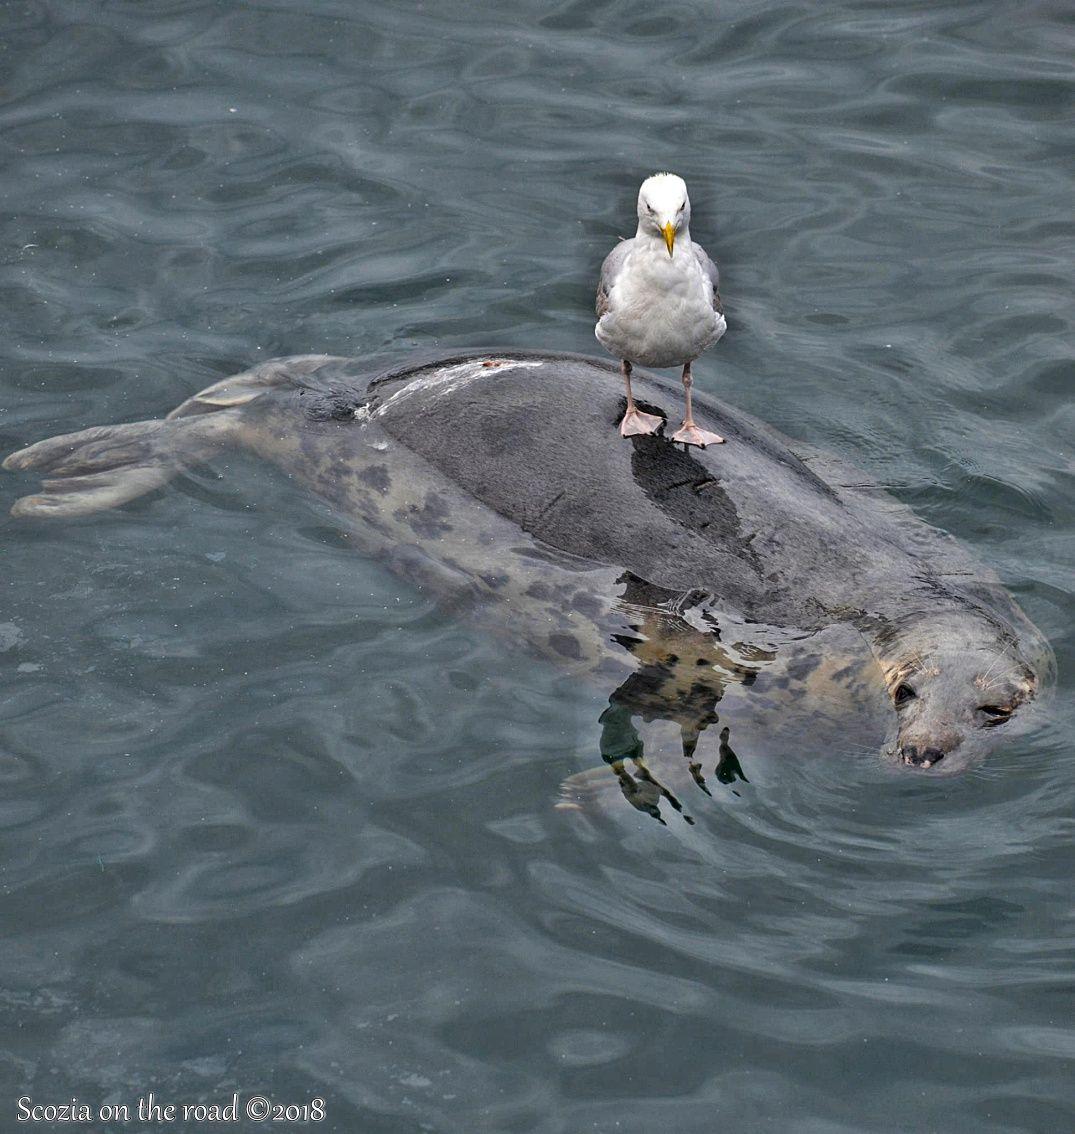 animali fantastici scozia - dove vedere le foche in scozia